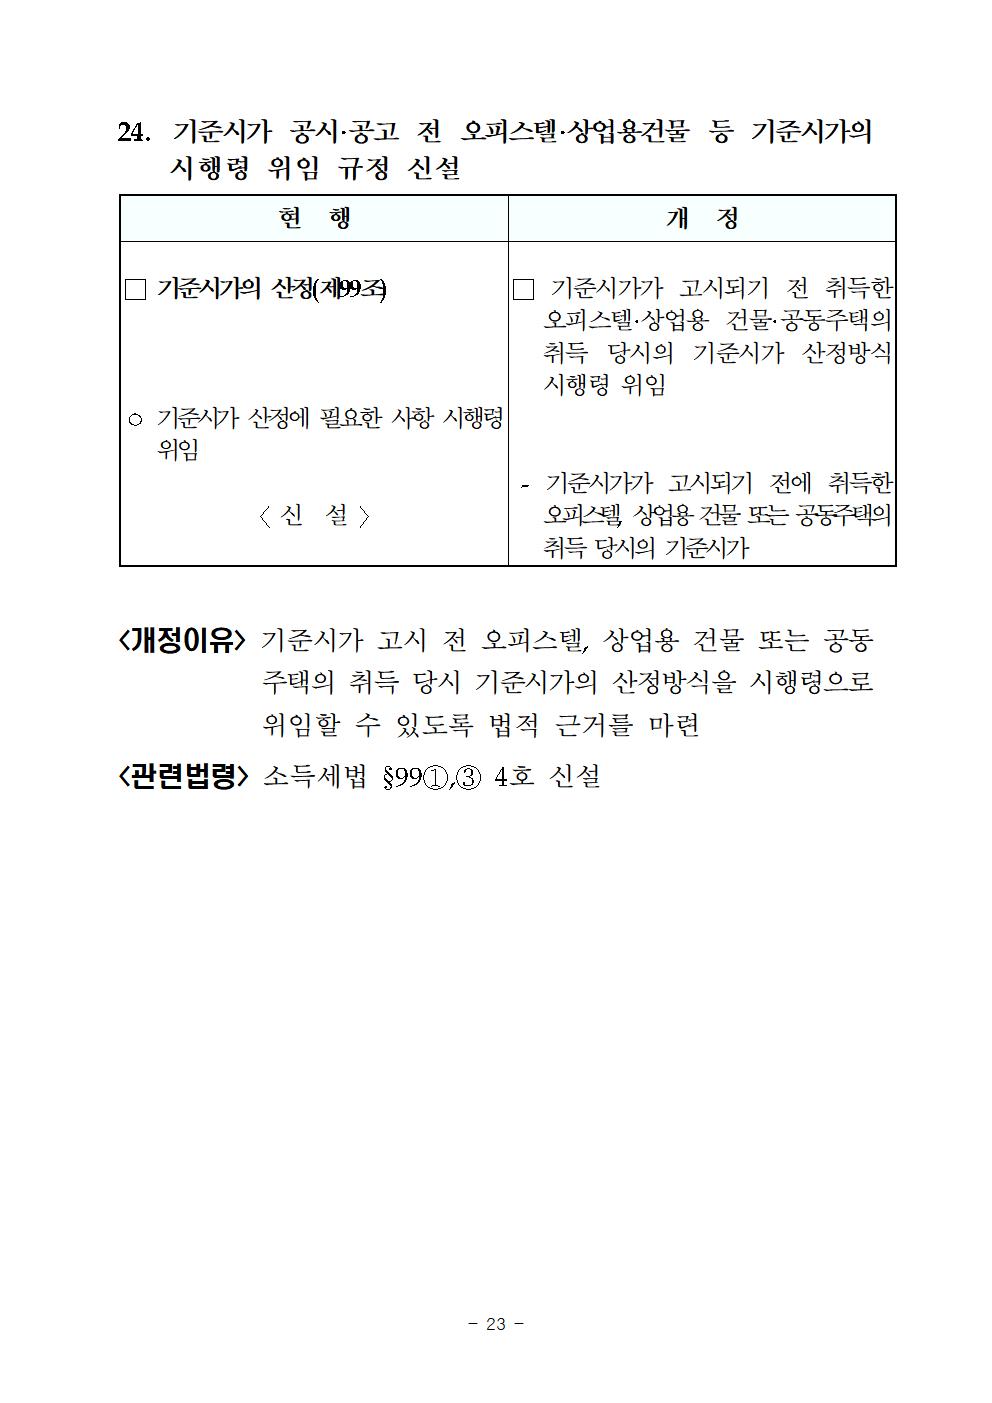 2019년세법개정내용(양도소득세분야)028.png